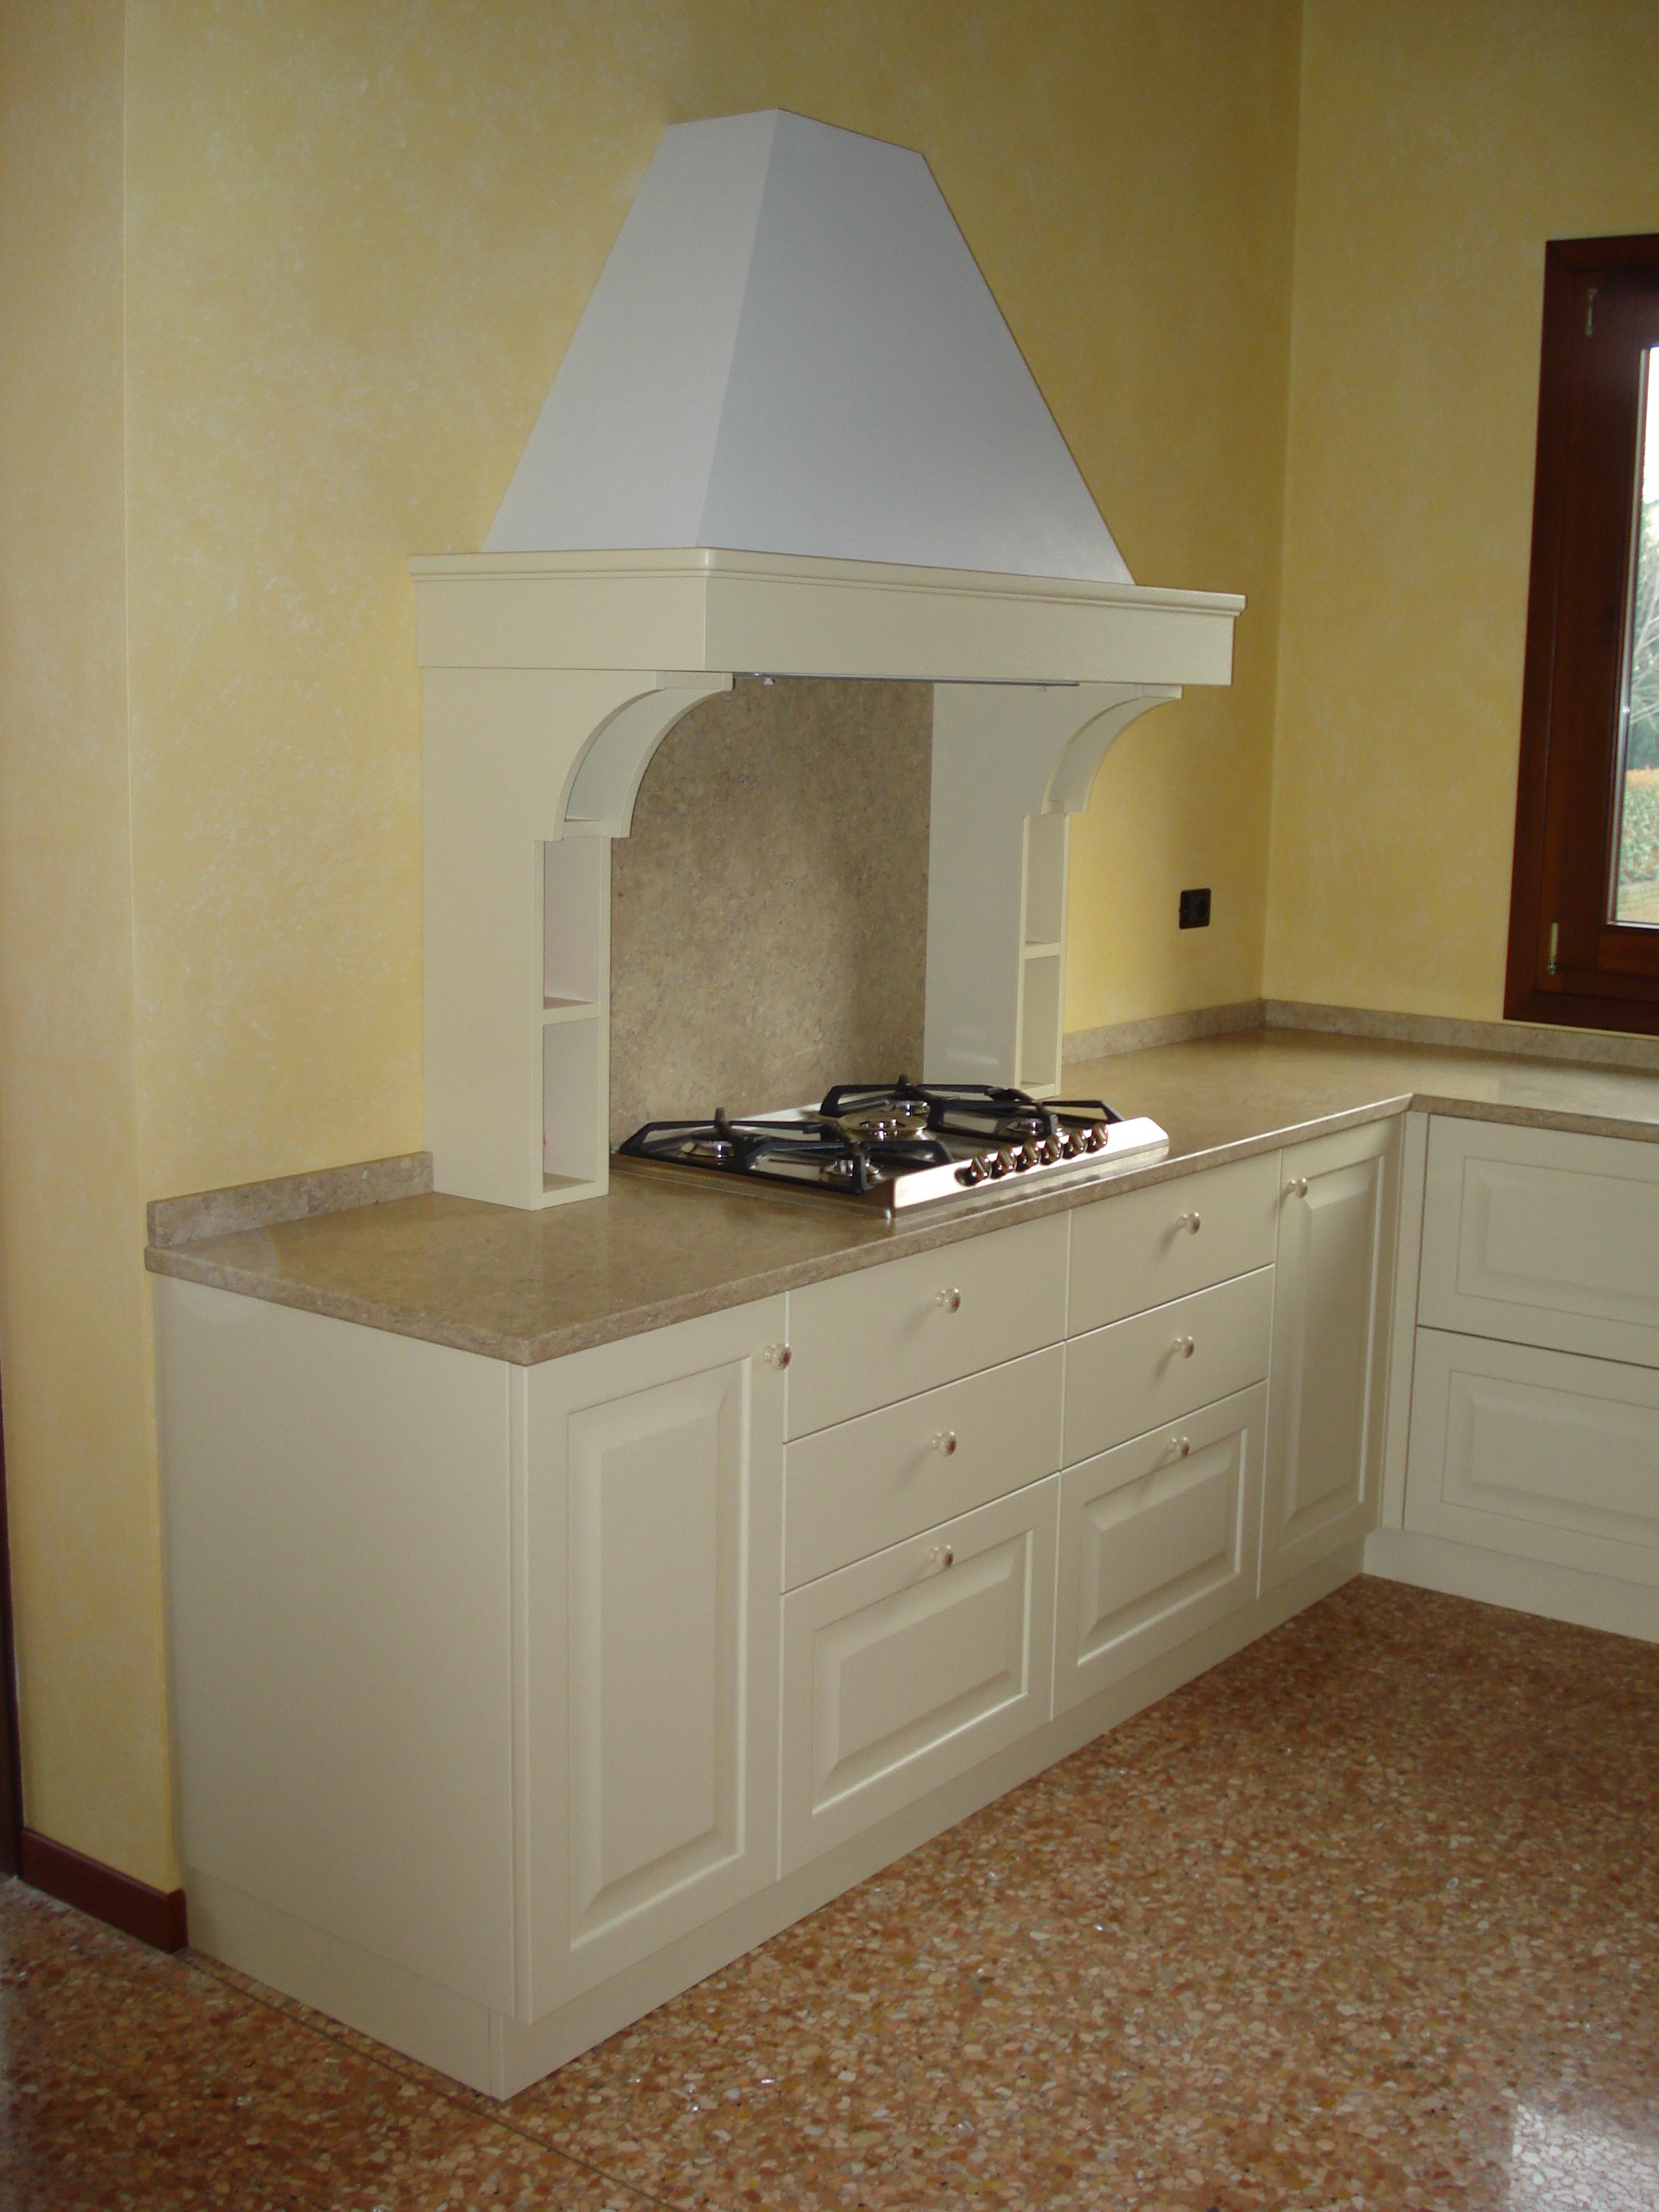 Arredamento su misura classico e moderno baldrani for Classico e moderno